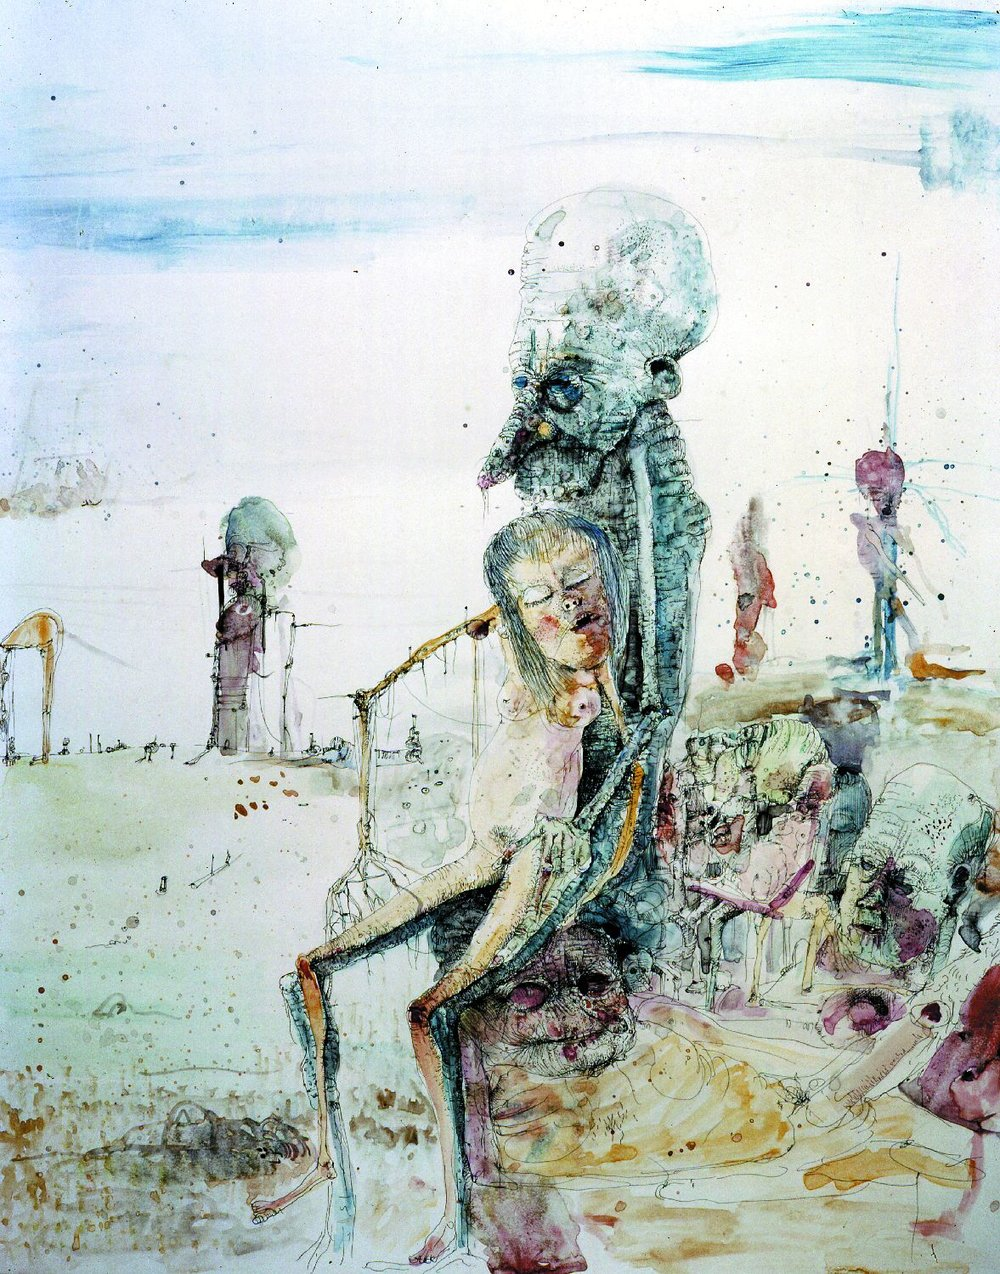 Król Lear, 1989